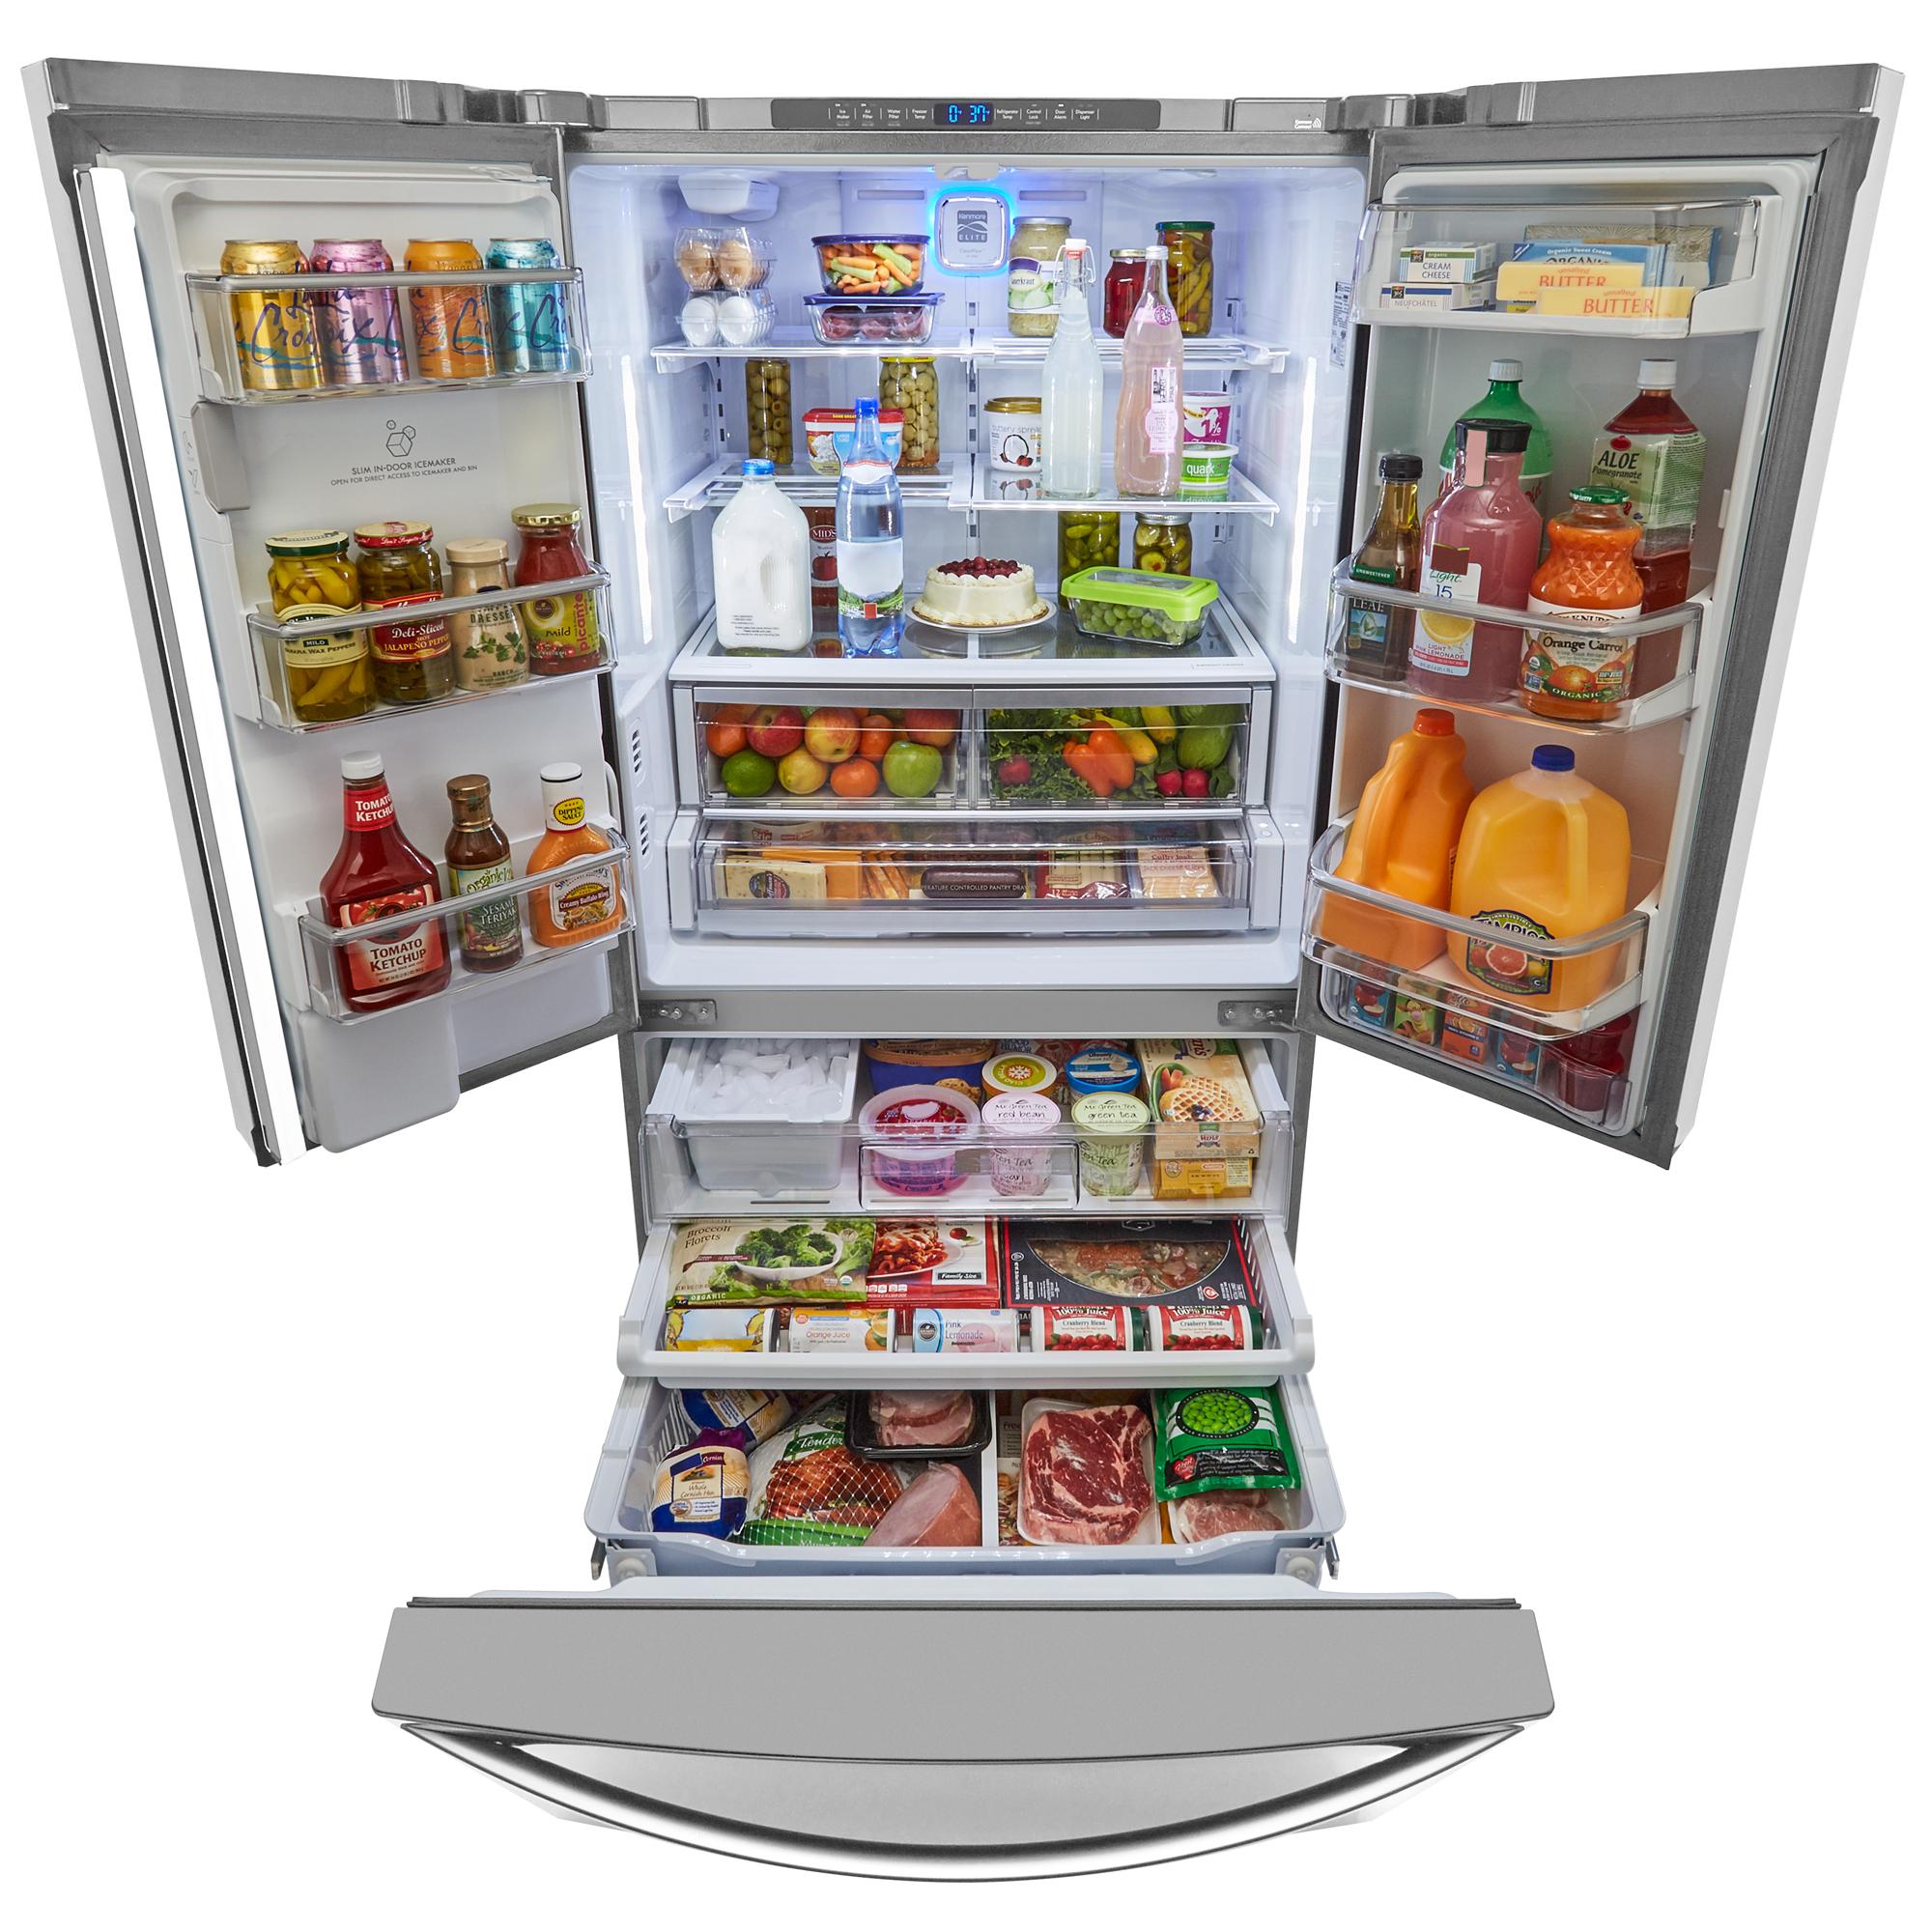 Kenmore Elite 73153 28.7 cu. ft. French Door Bottom Freezer Refrigerator – Stainless Steel